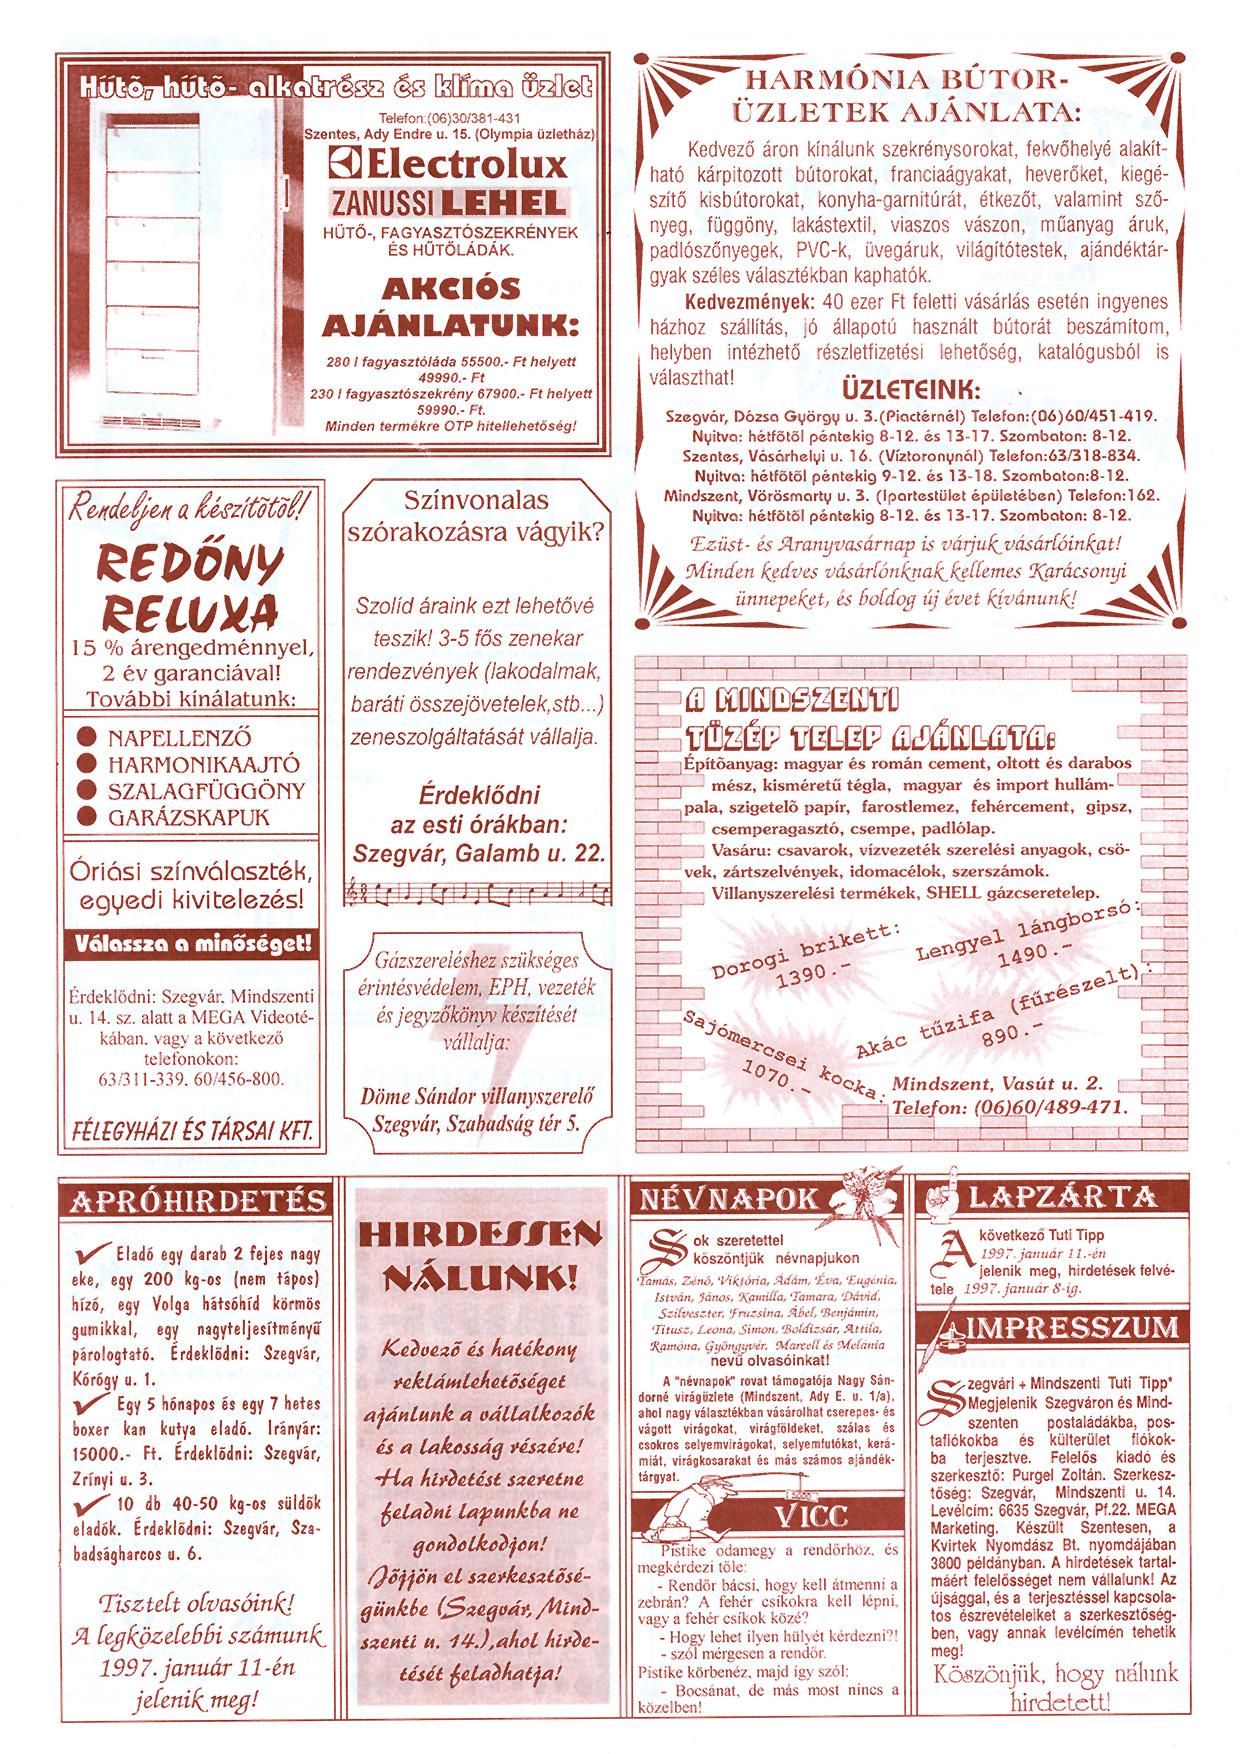 085 Szegvári és Mindszenti Tuti Tipp reklámújság - 19961221-038-015. lapszám - 2.oldal - II. évfolyam.jpg